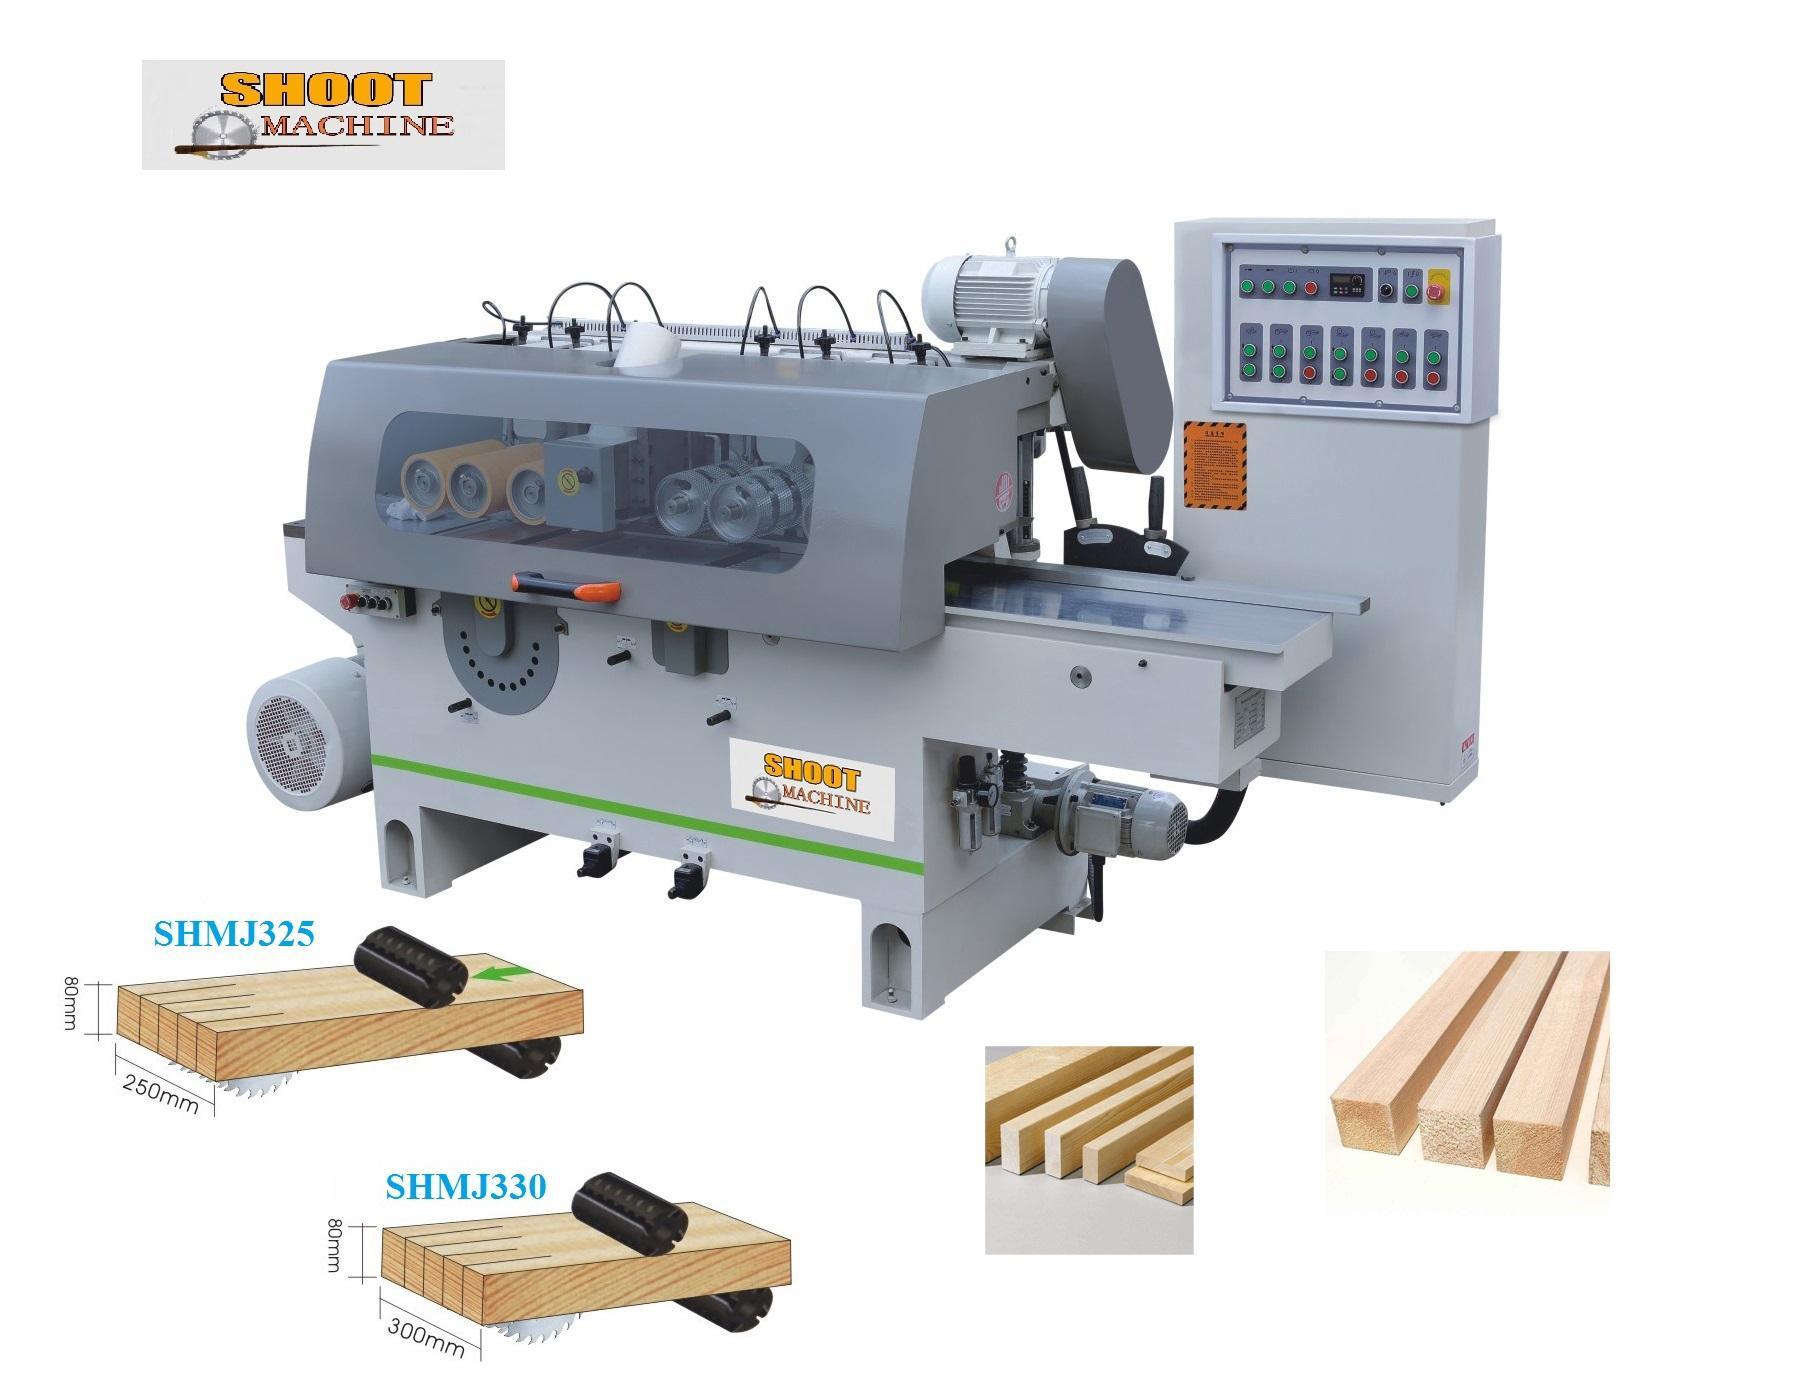 Heavy duty Auto Woodworking Planer & Saw Machine,SHMJ330